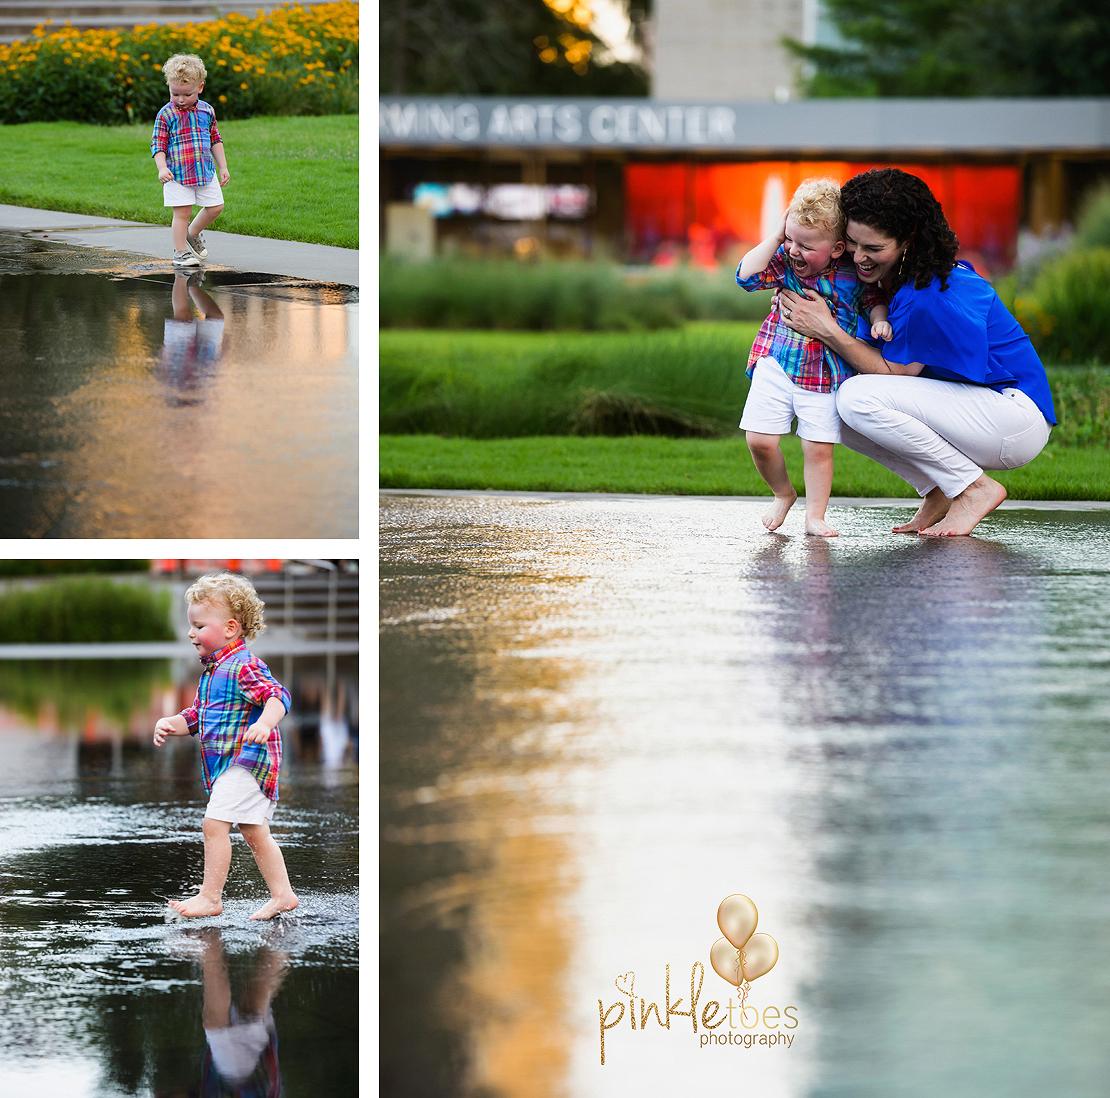 dallas-austin-urban-family-lifestyle-kids-photographer-025